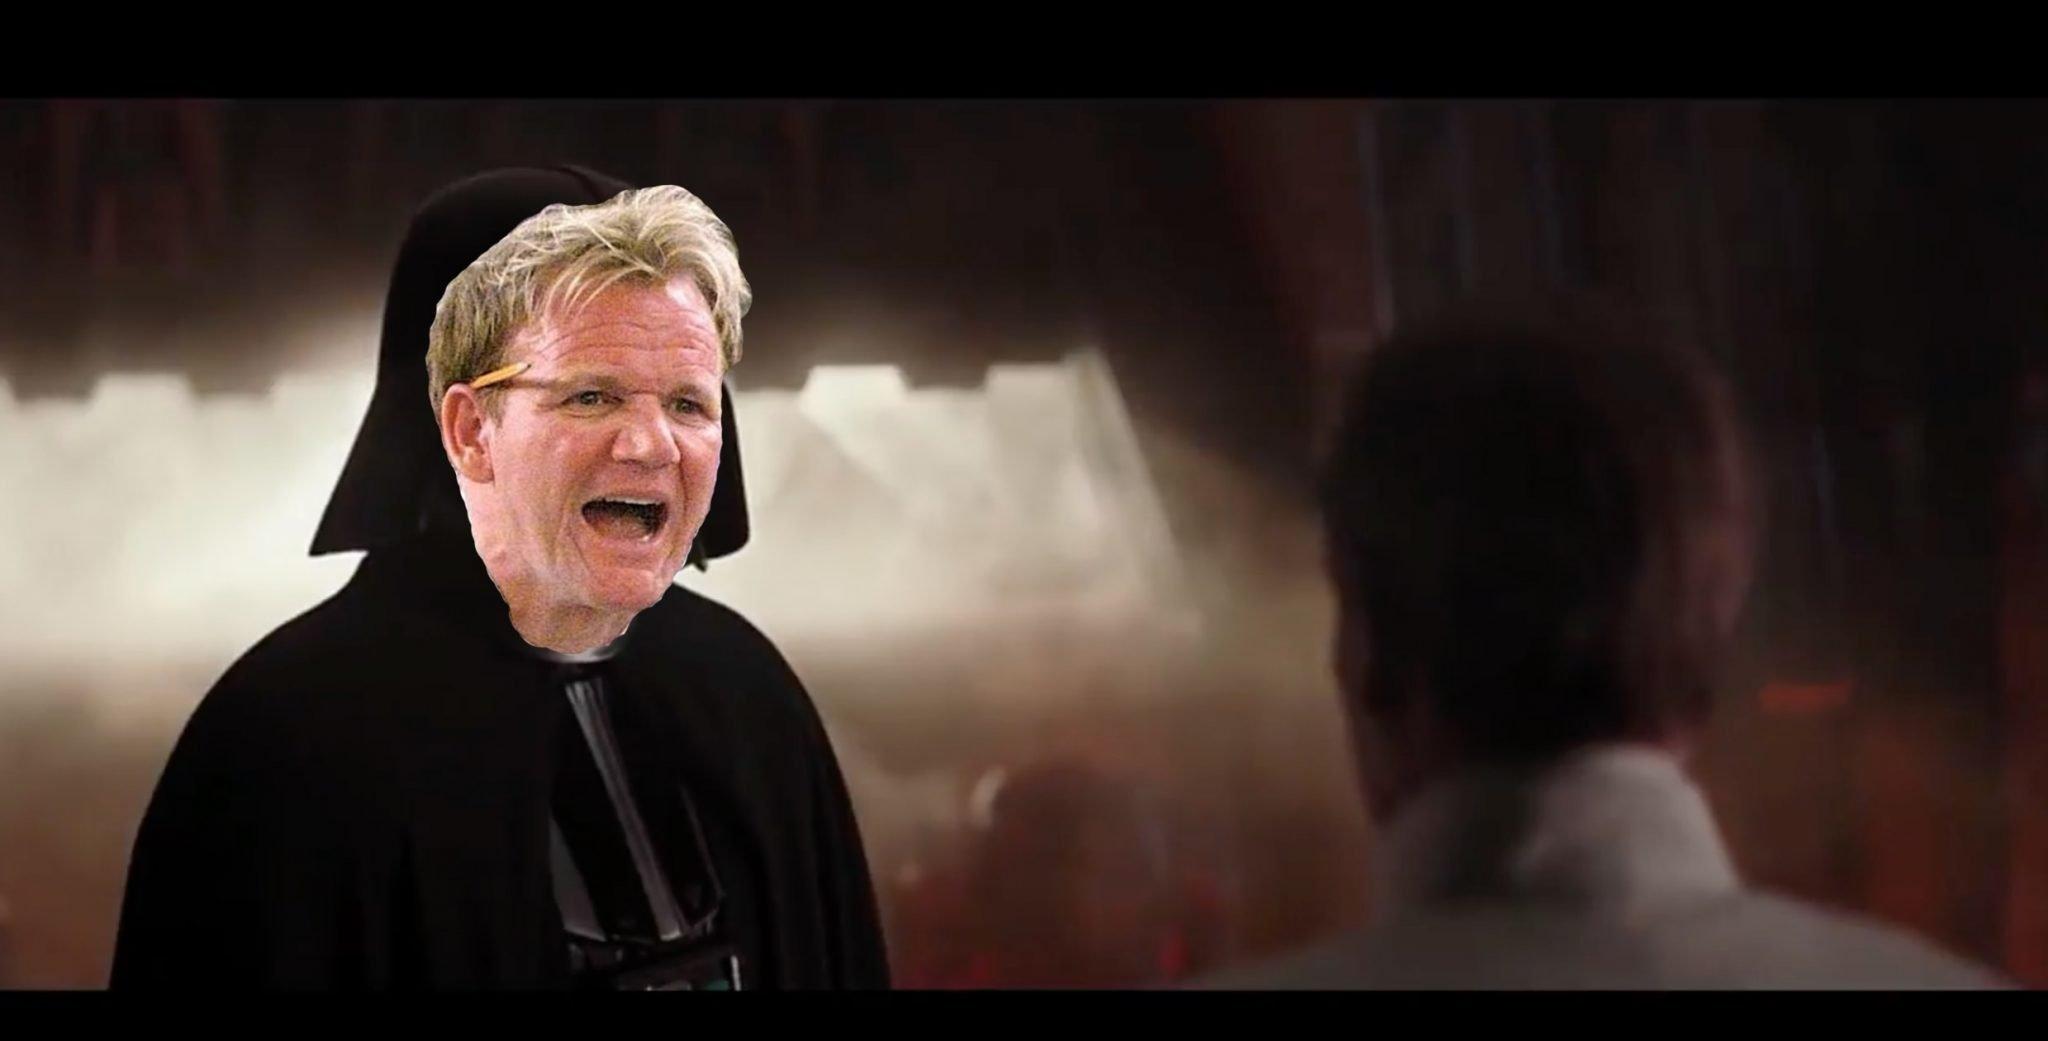 Gordon Ramsay Darth Vader